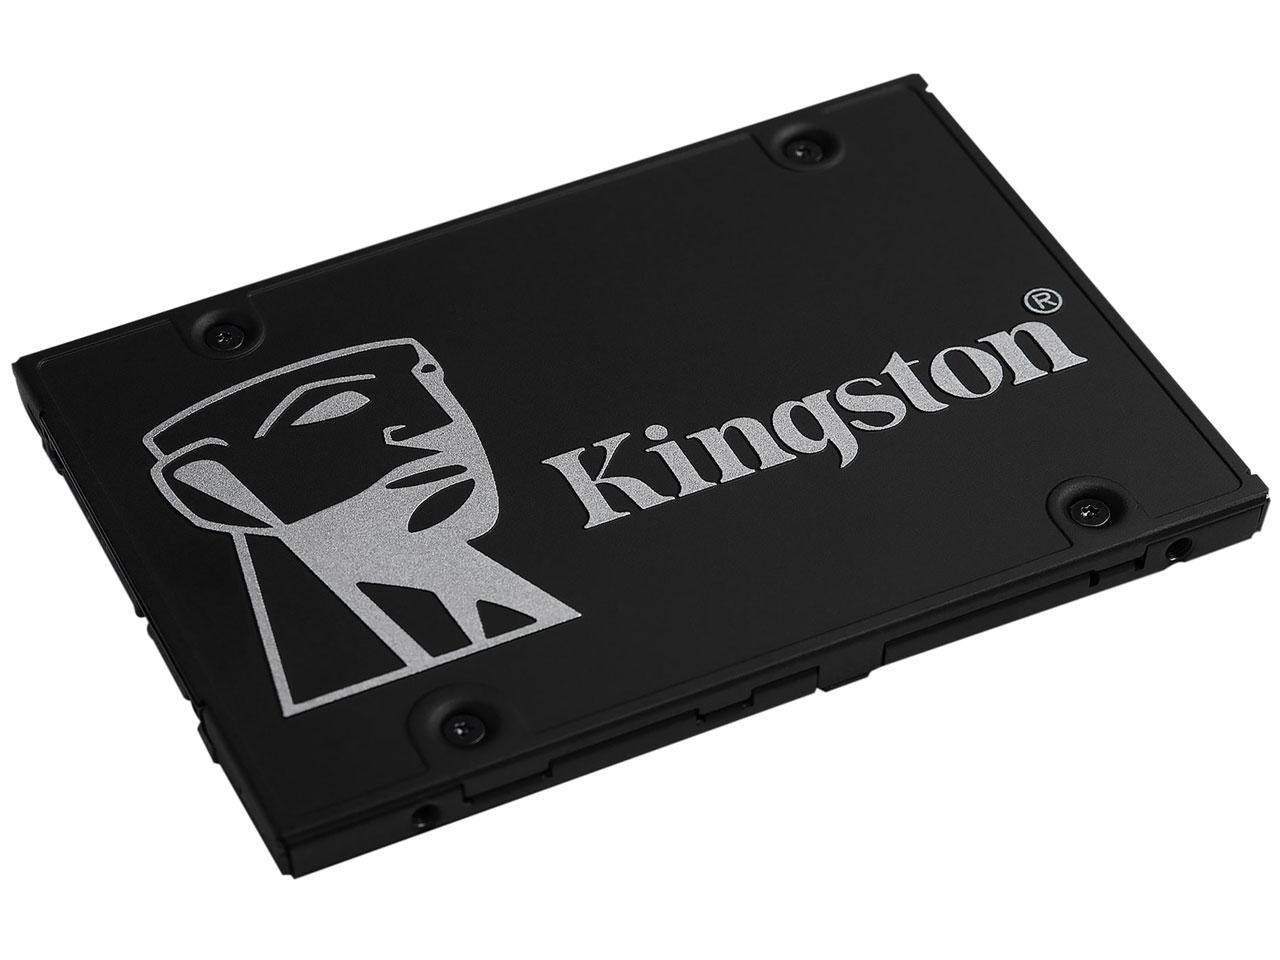 『本体 斜め』 KC600 SSD SKC600/512G の製品画像